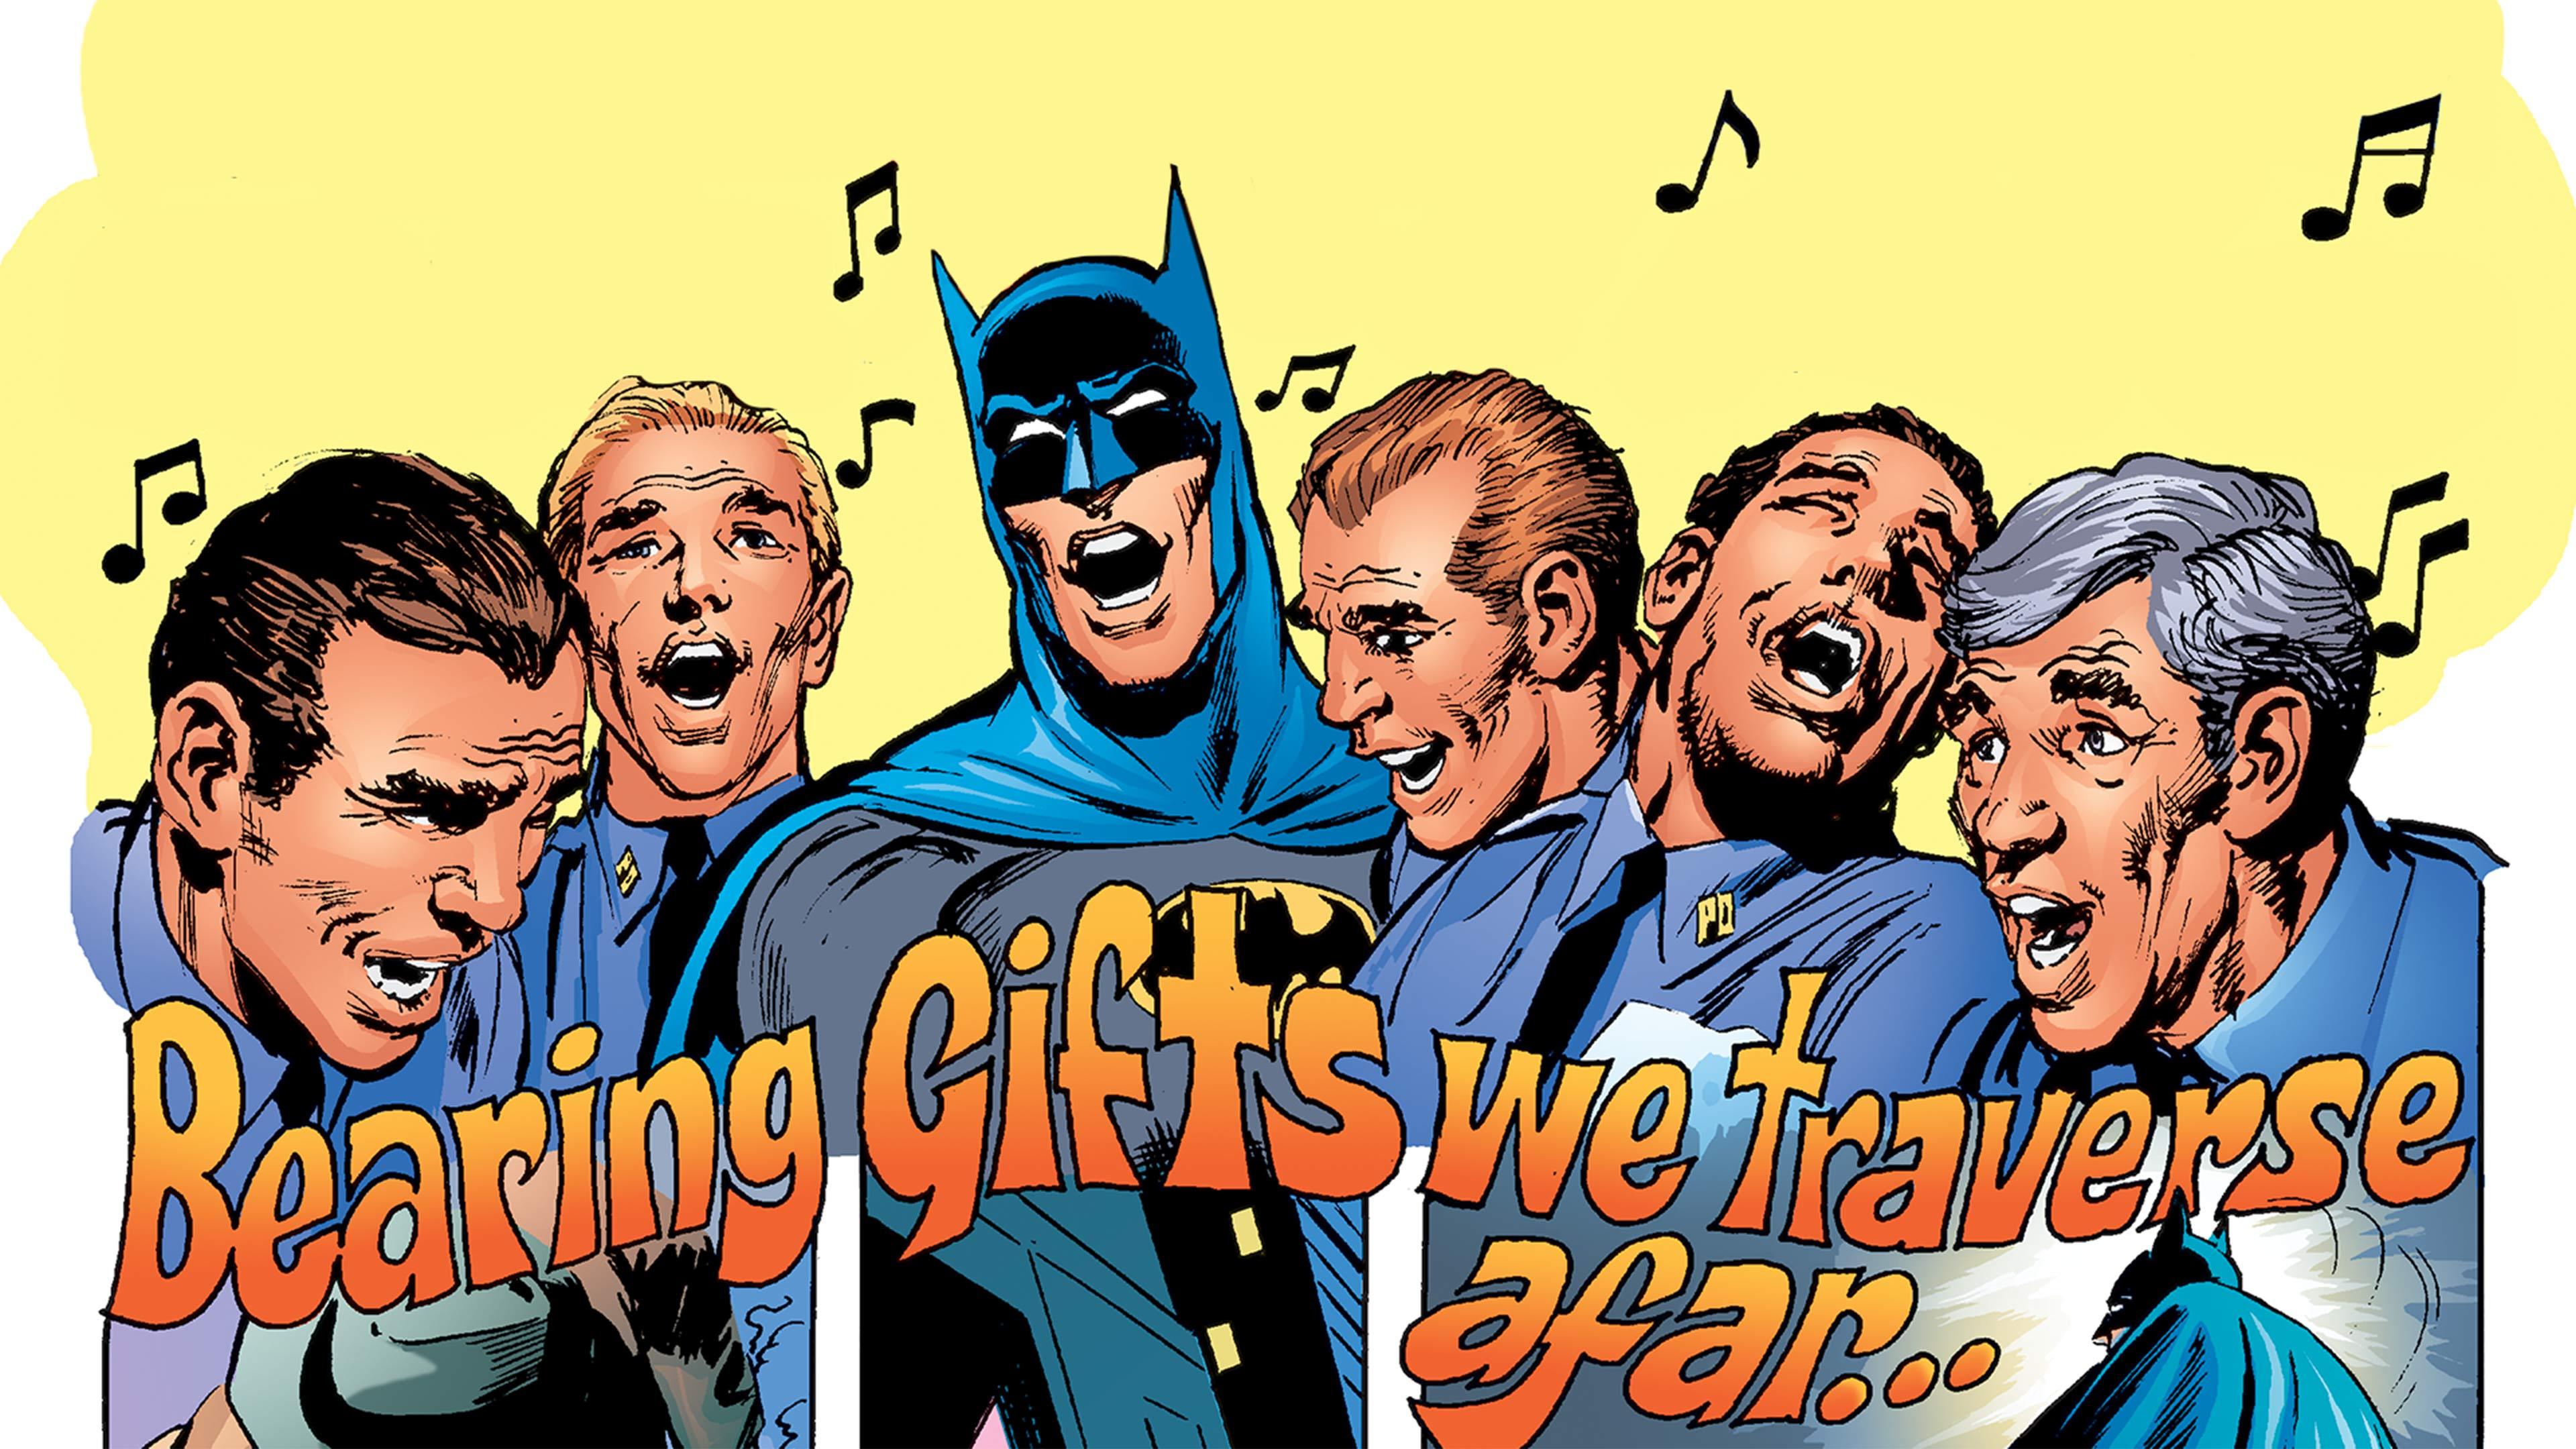 batmansmells_news_hero-c_v1_191217.jpg